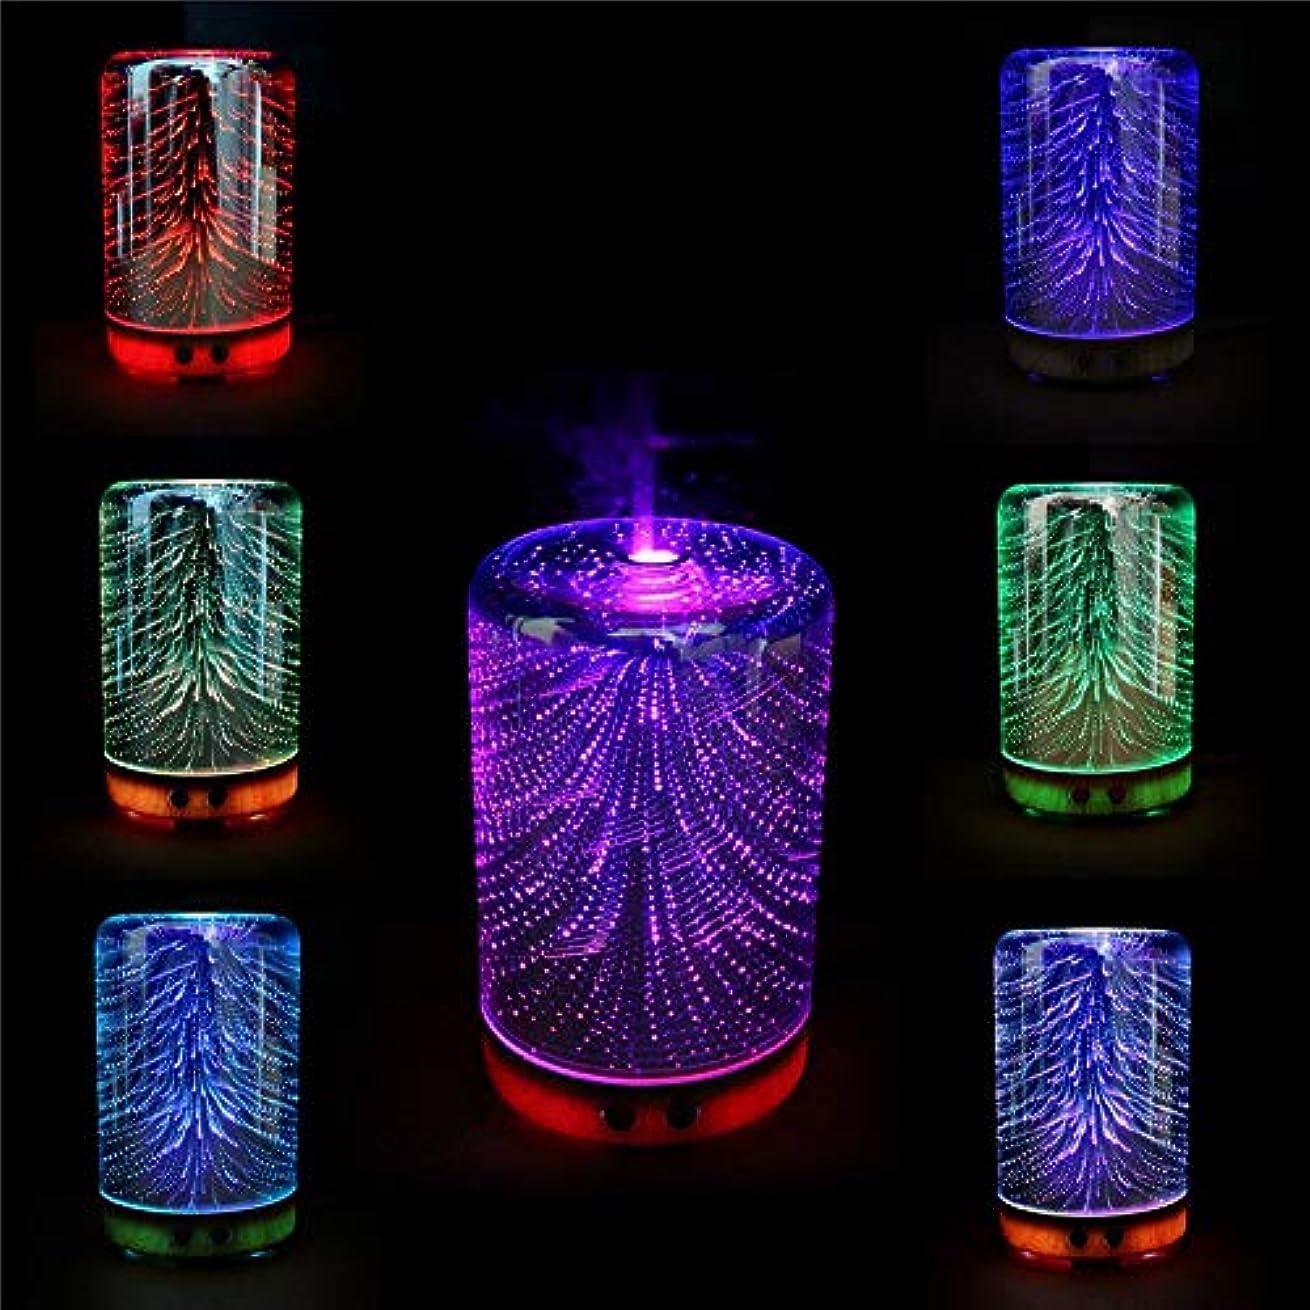 確率相対性理論どっちでもFishagelo Color Changing 3D Lighting Essential Oil Aroma Diffuser Ultrasonic Mist Humidifier Aromatherapy 141[...